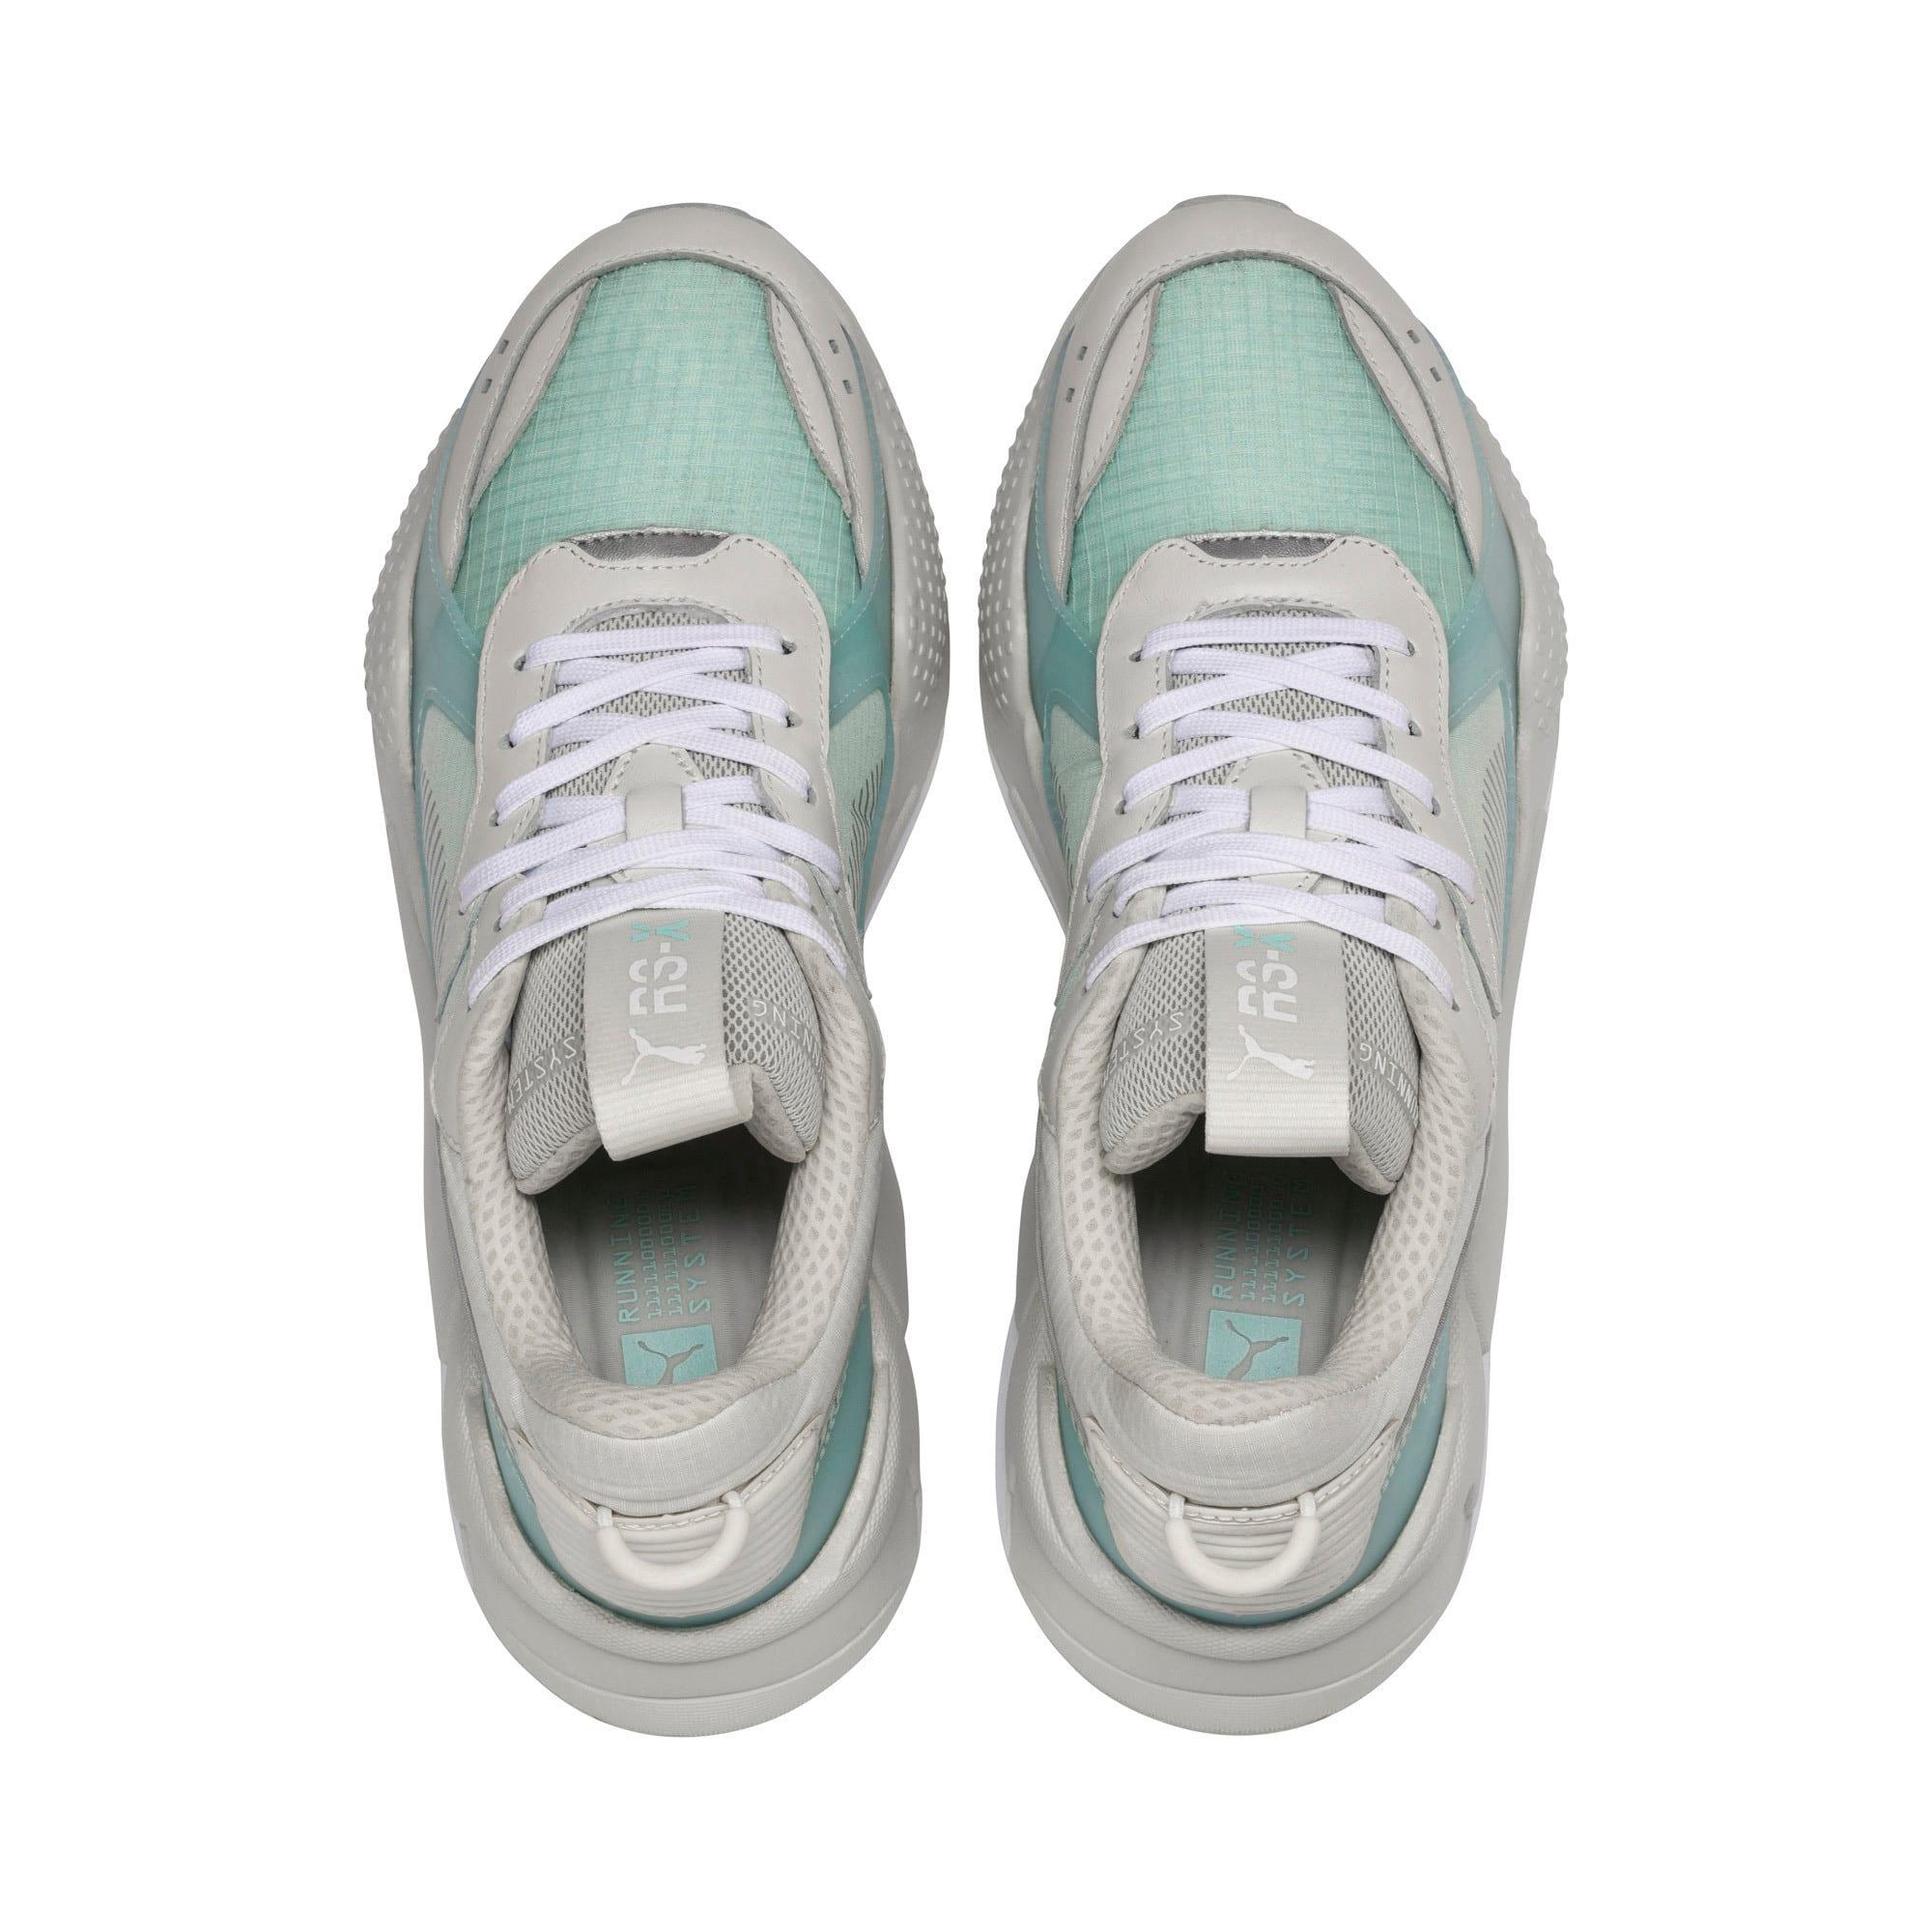 Thumbnail 6 of RS-X TECH Sneakers, Vaporous Gray-Fair Aqua, medium